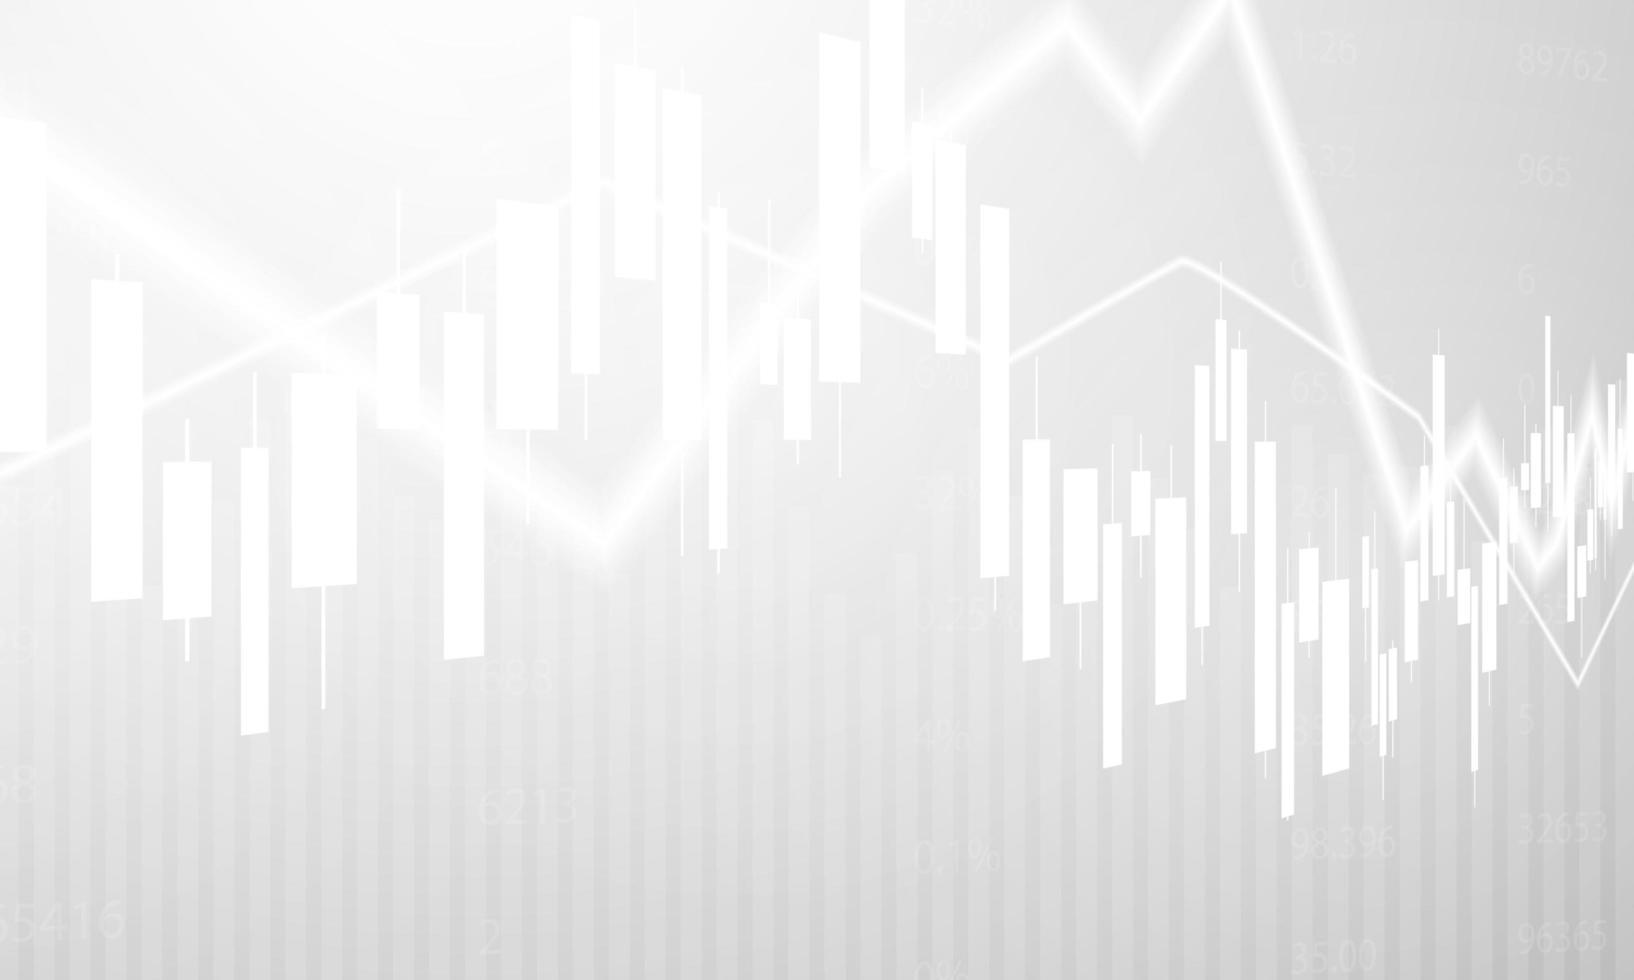 design gráfico do mercado de ações em fundo branco vetor